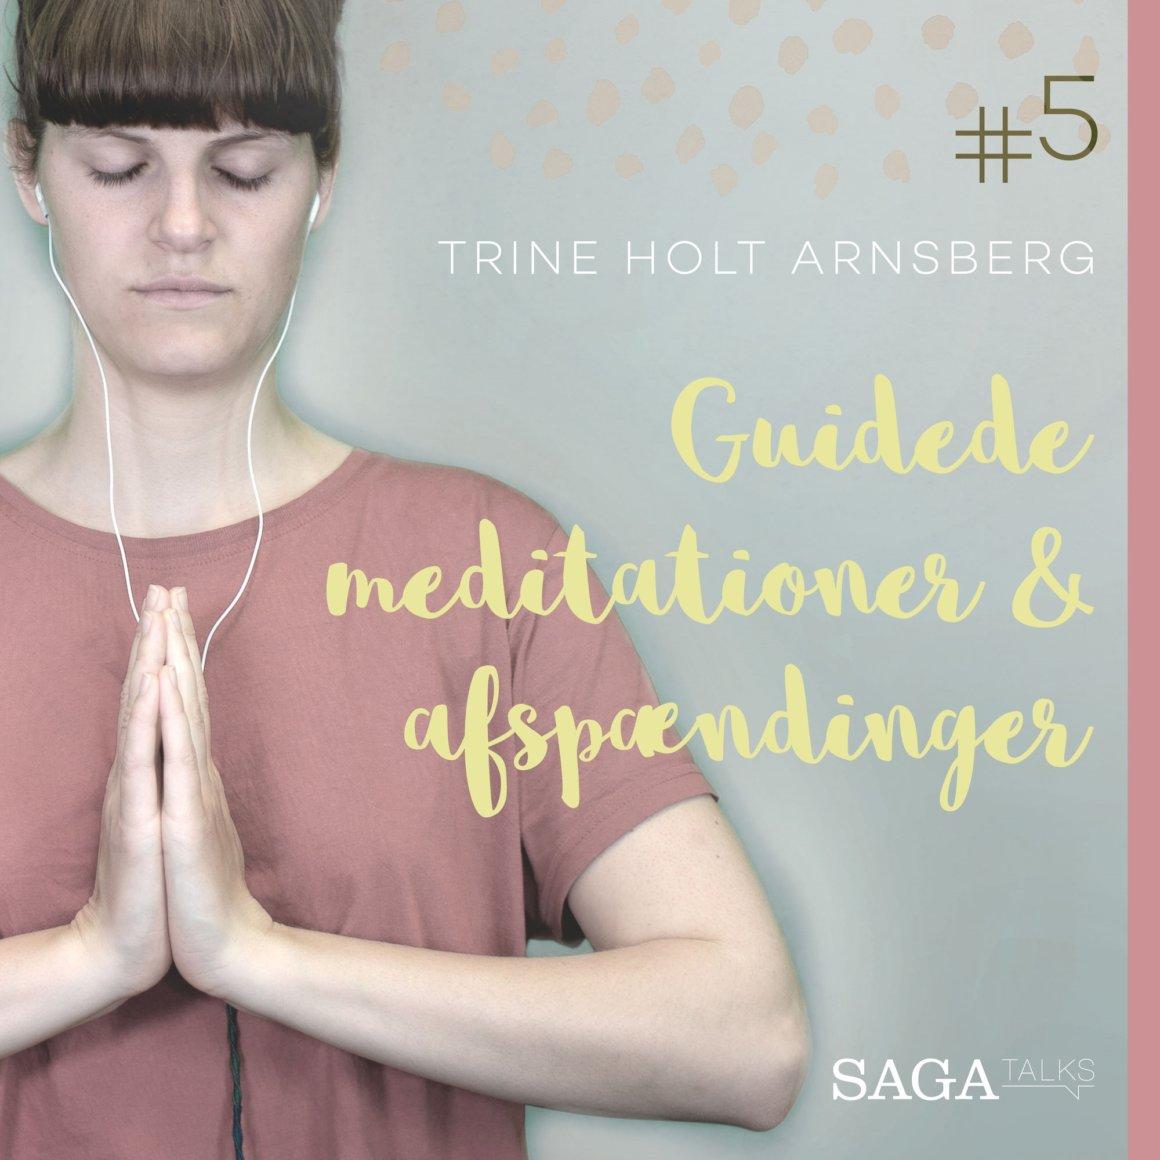 Guidede meditationer og afspændinger